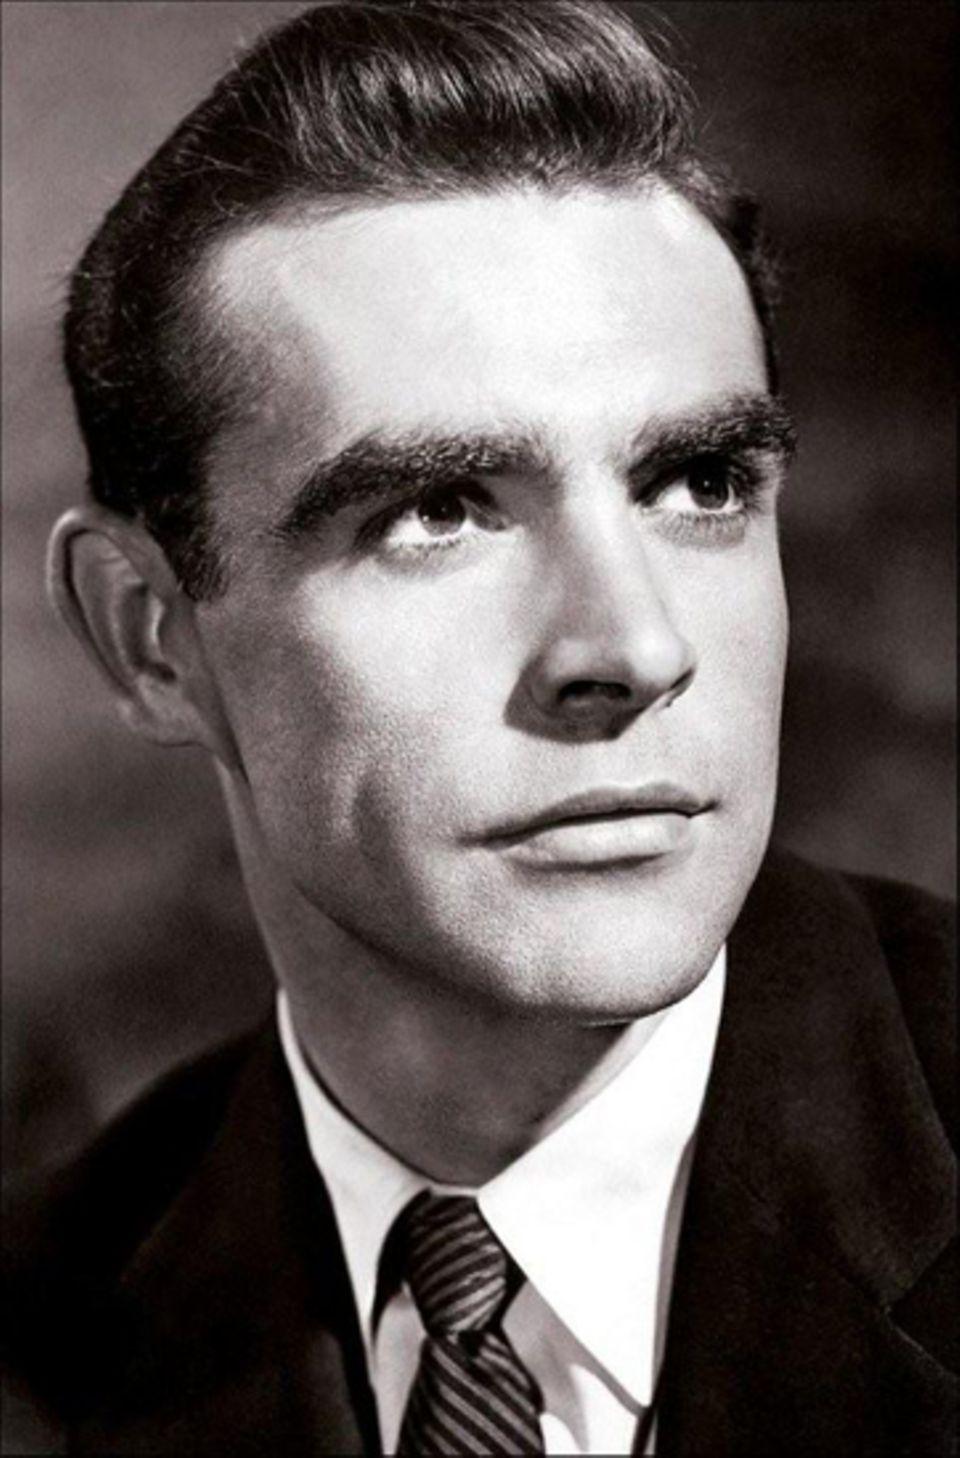 Thomas Sean Connery wurde 1930 in Fountainbridge, Edinburgh, als Sohn eines Hilfsarbeiters und einer Putzfrau geboren.